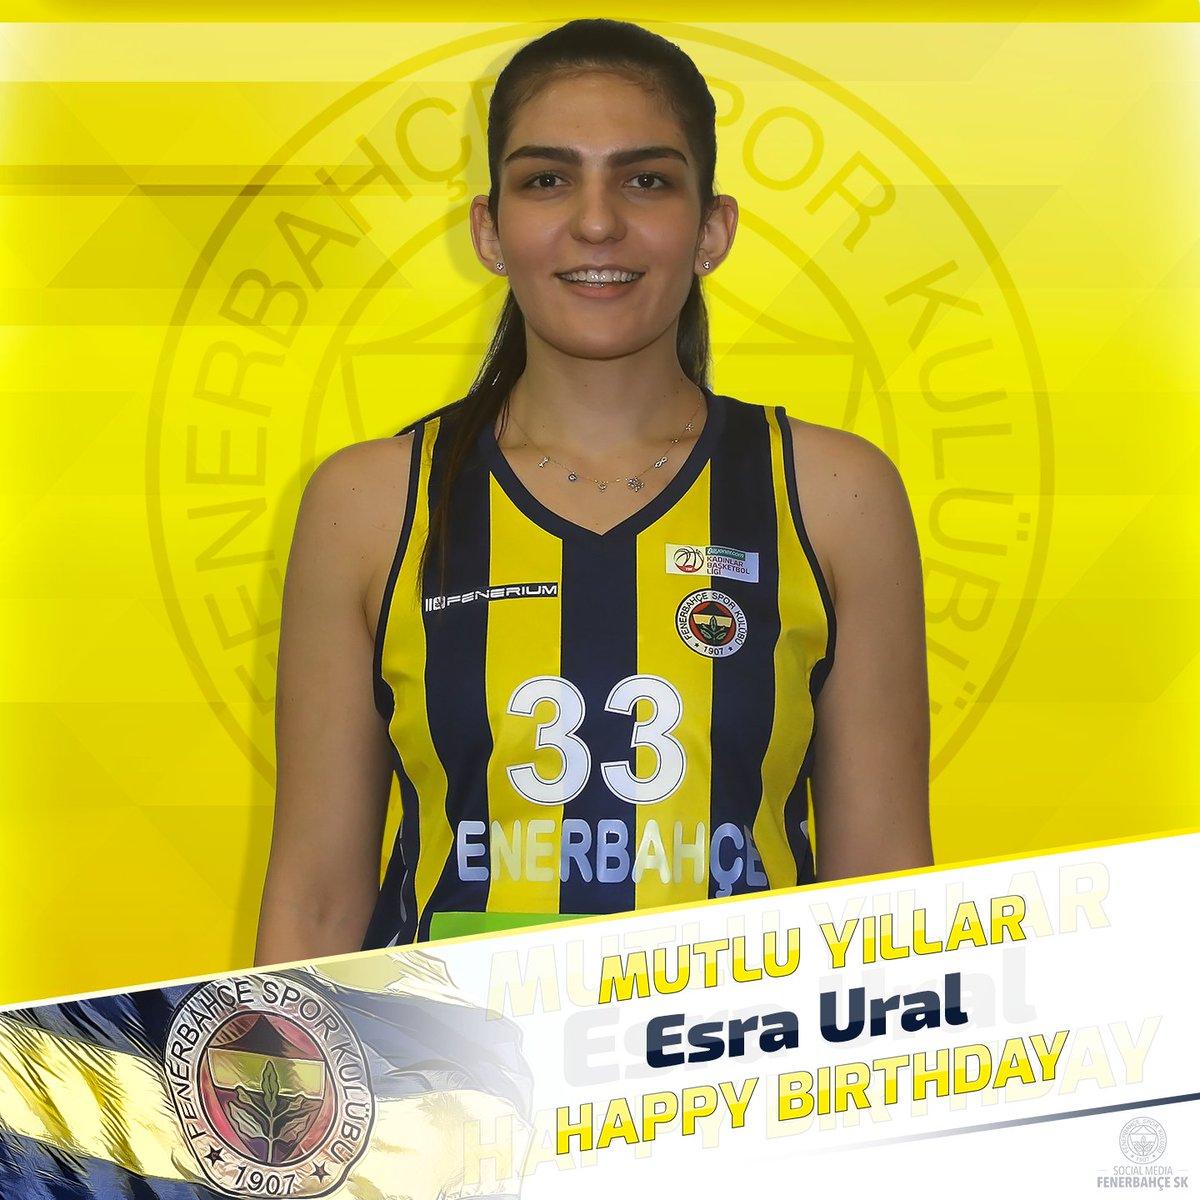 Bugün oyuncumuz Esra Ural'ın doğum günü. Mutlu Yıllar @esoural!